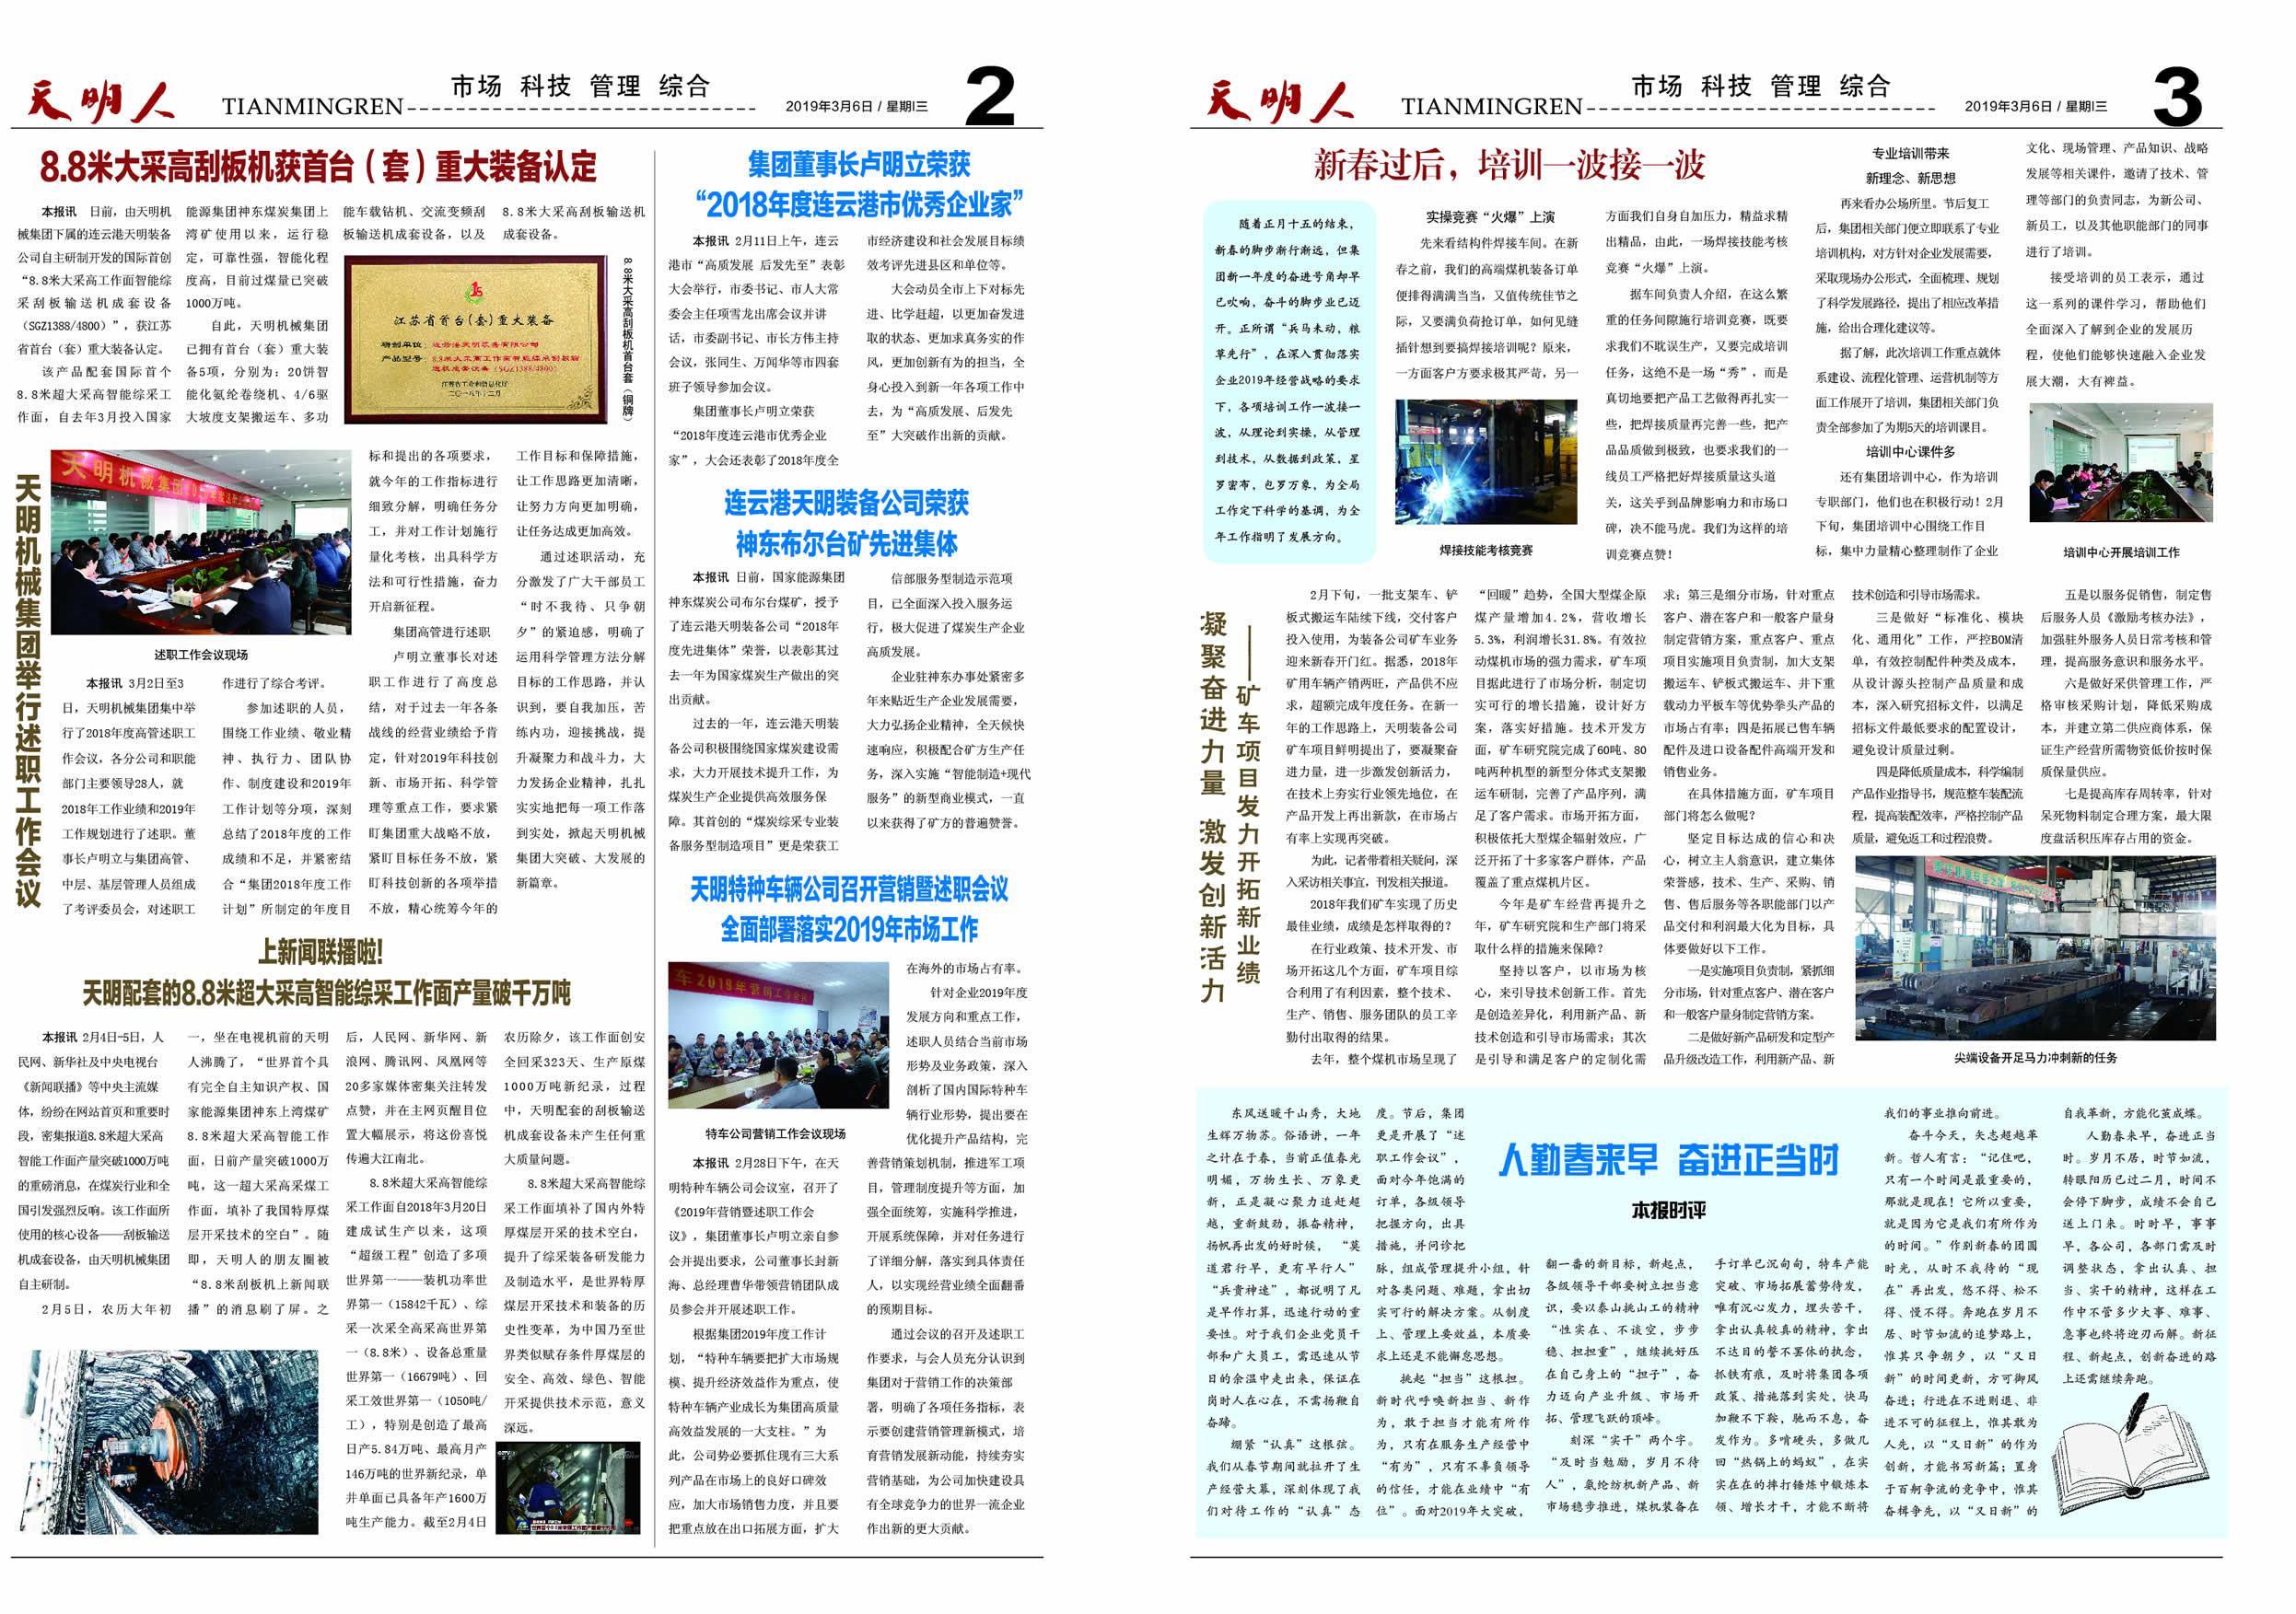 千赢国际官方下载_千赢国际APP下载_千赢QYAPP下载人2019年第二期(总第122期)2、3版